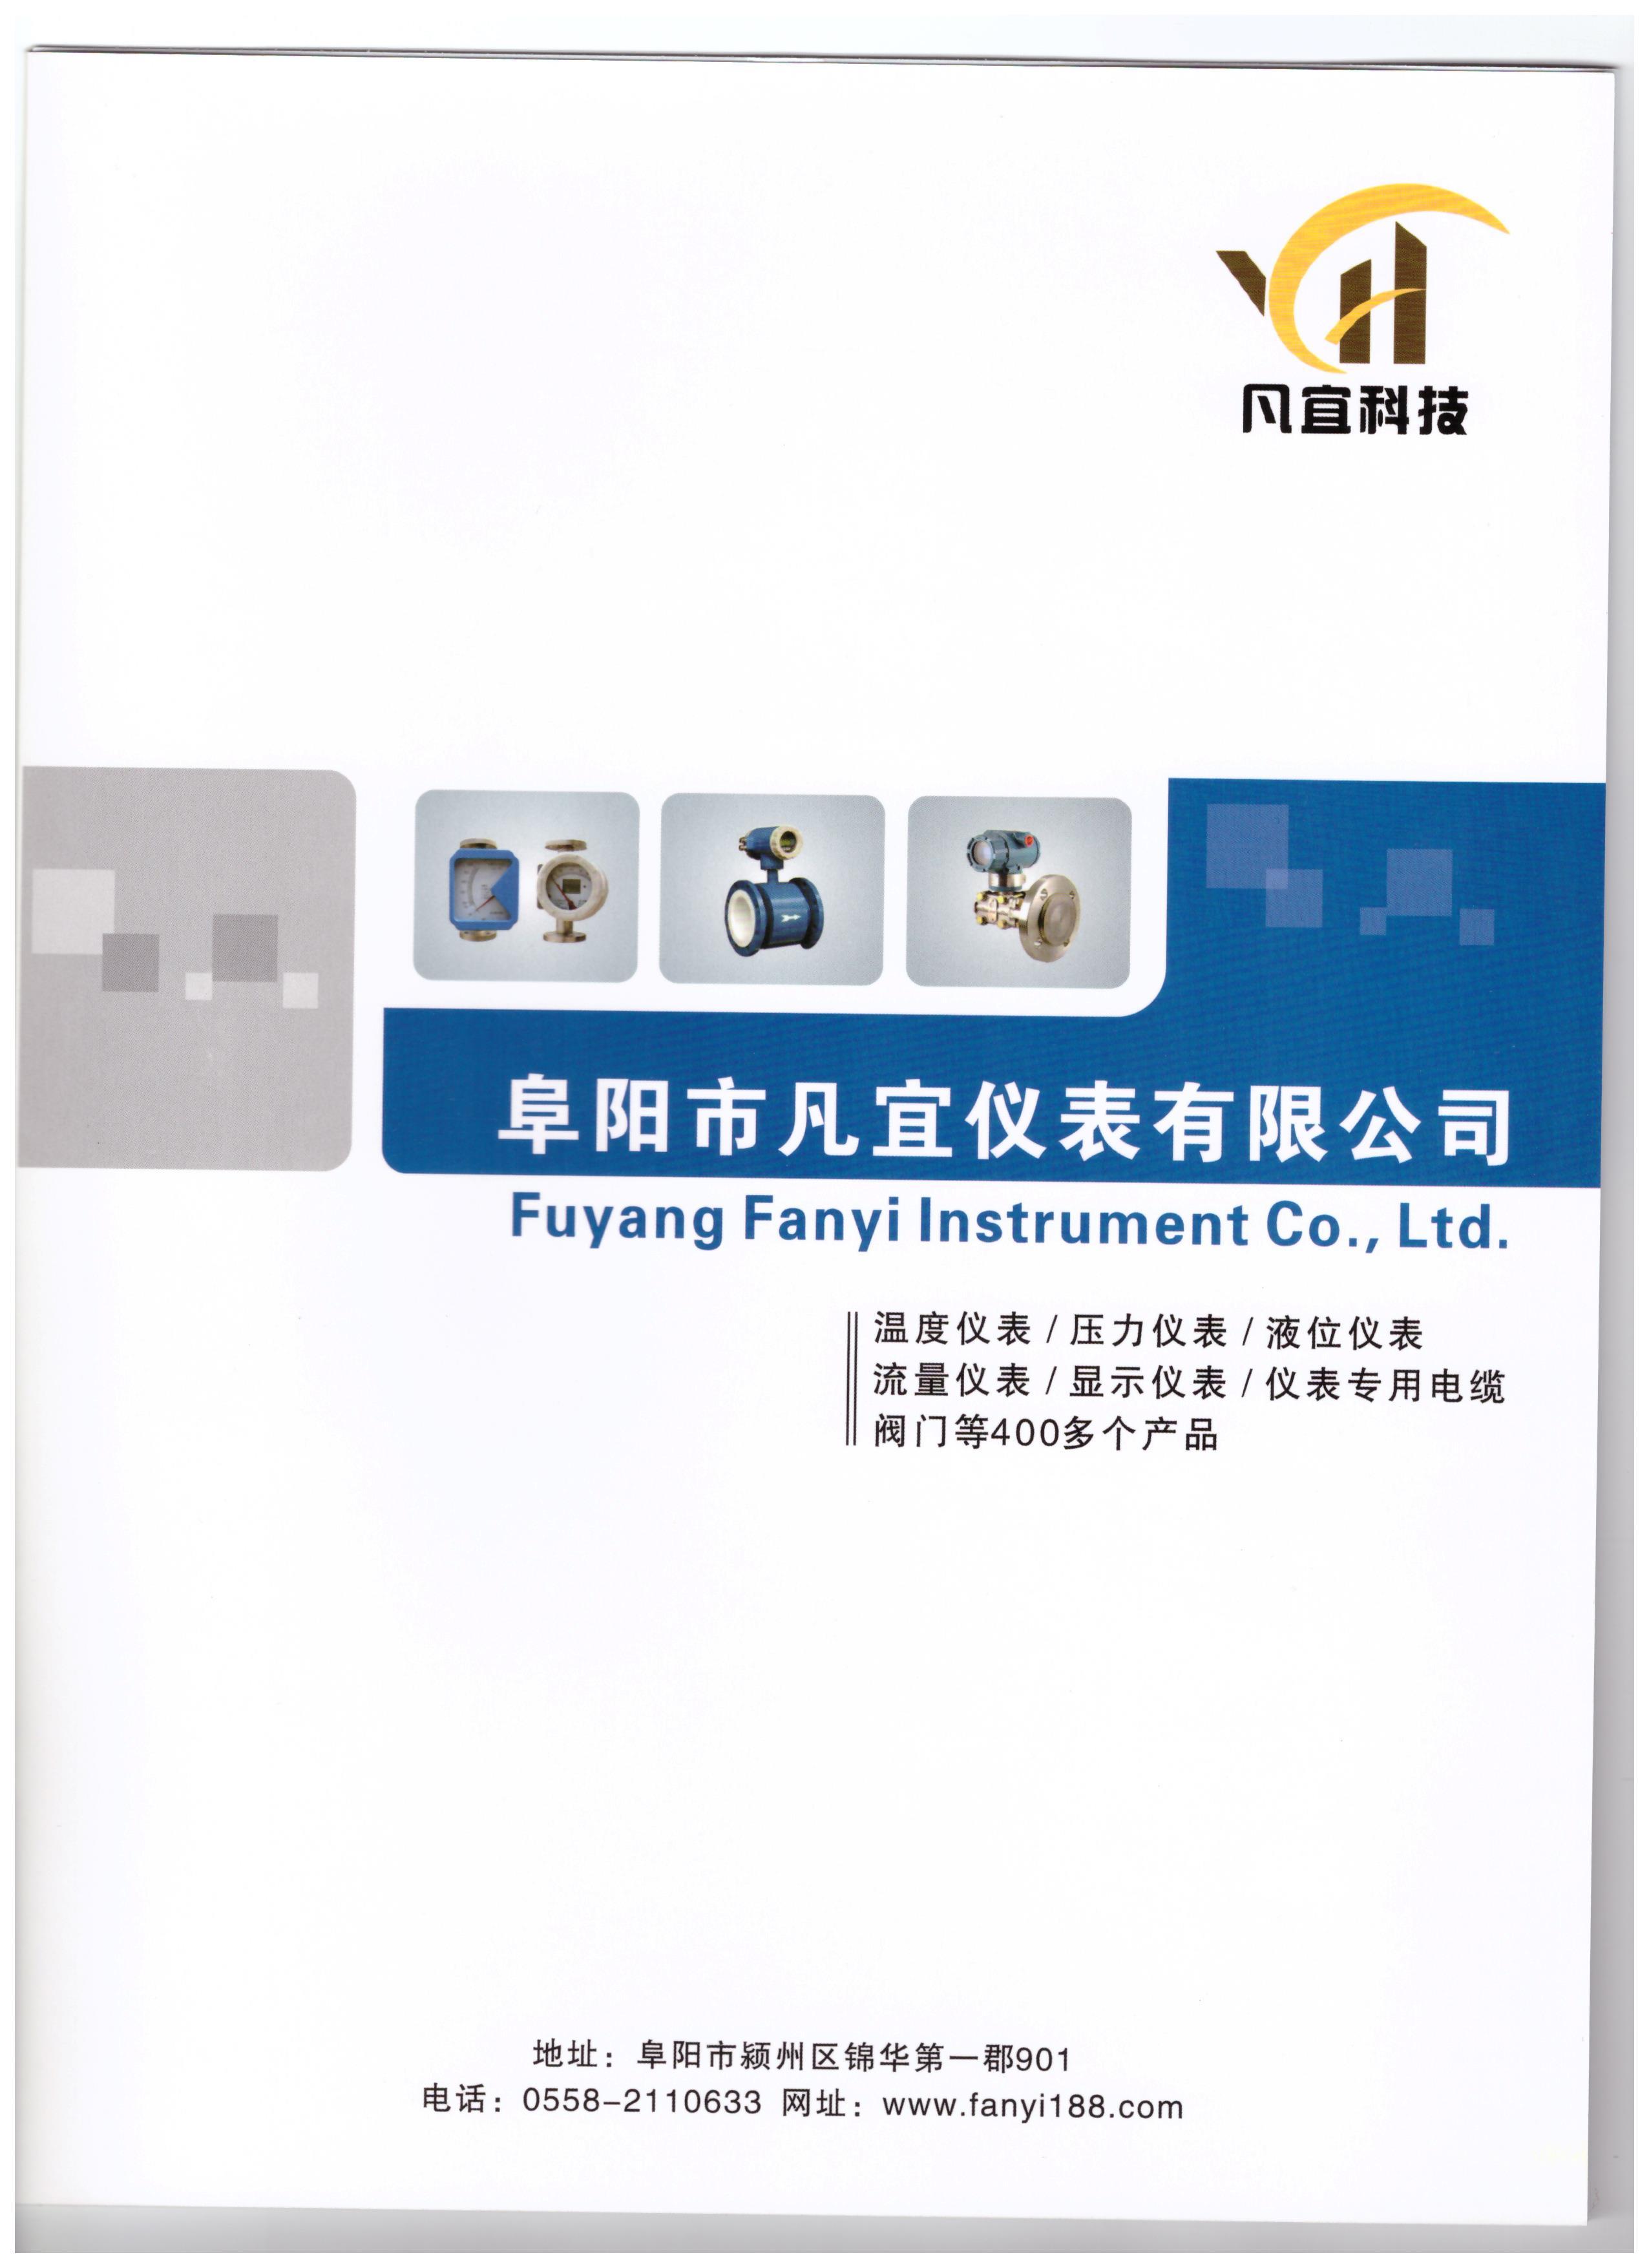 阜阳市凡宜仪表有限公司(1)